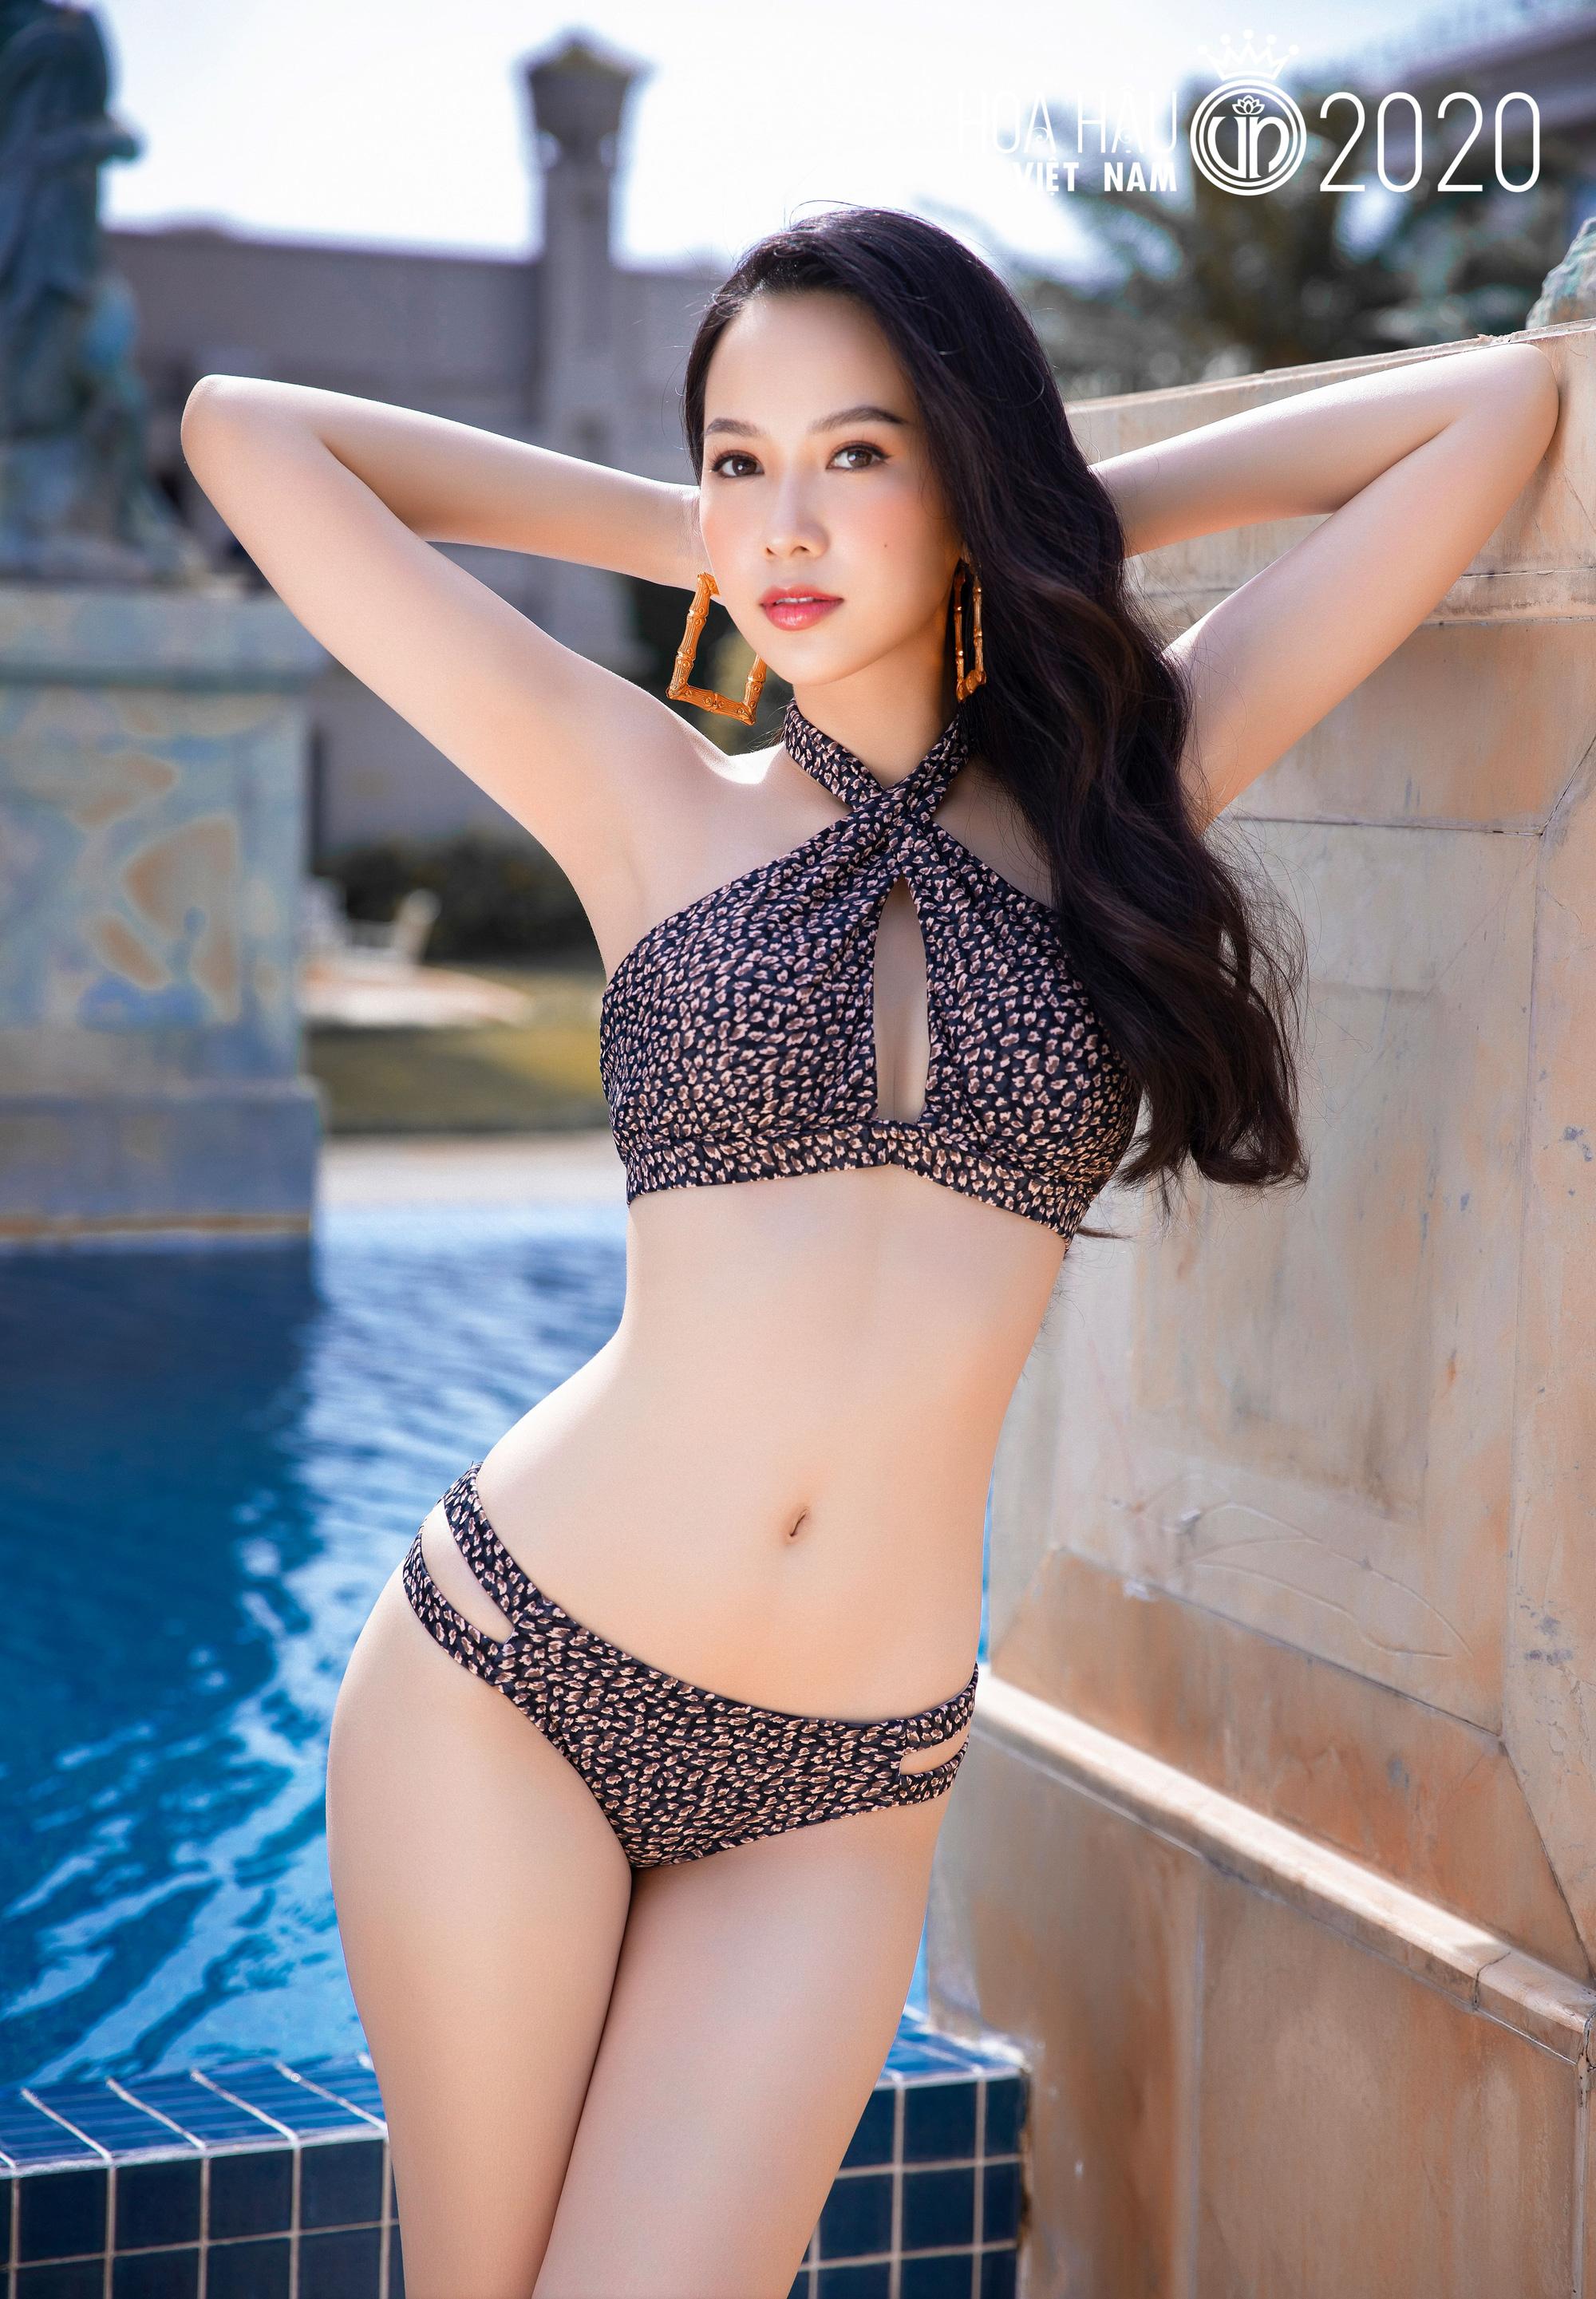 """5 mỹ nhân Hoa hậu Việt Nam 2020 mặc bikini quyến rũ """"đốt mắt"""" dự đoán """"soán ngôi"""" Trần Tiểu Vy là ai? - Ảnh 4."""